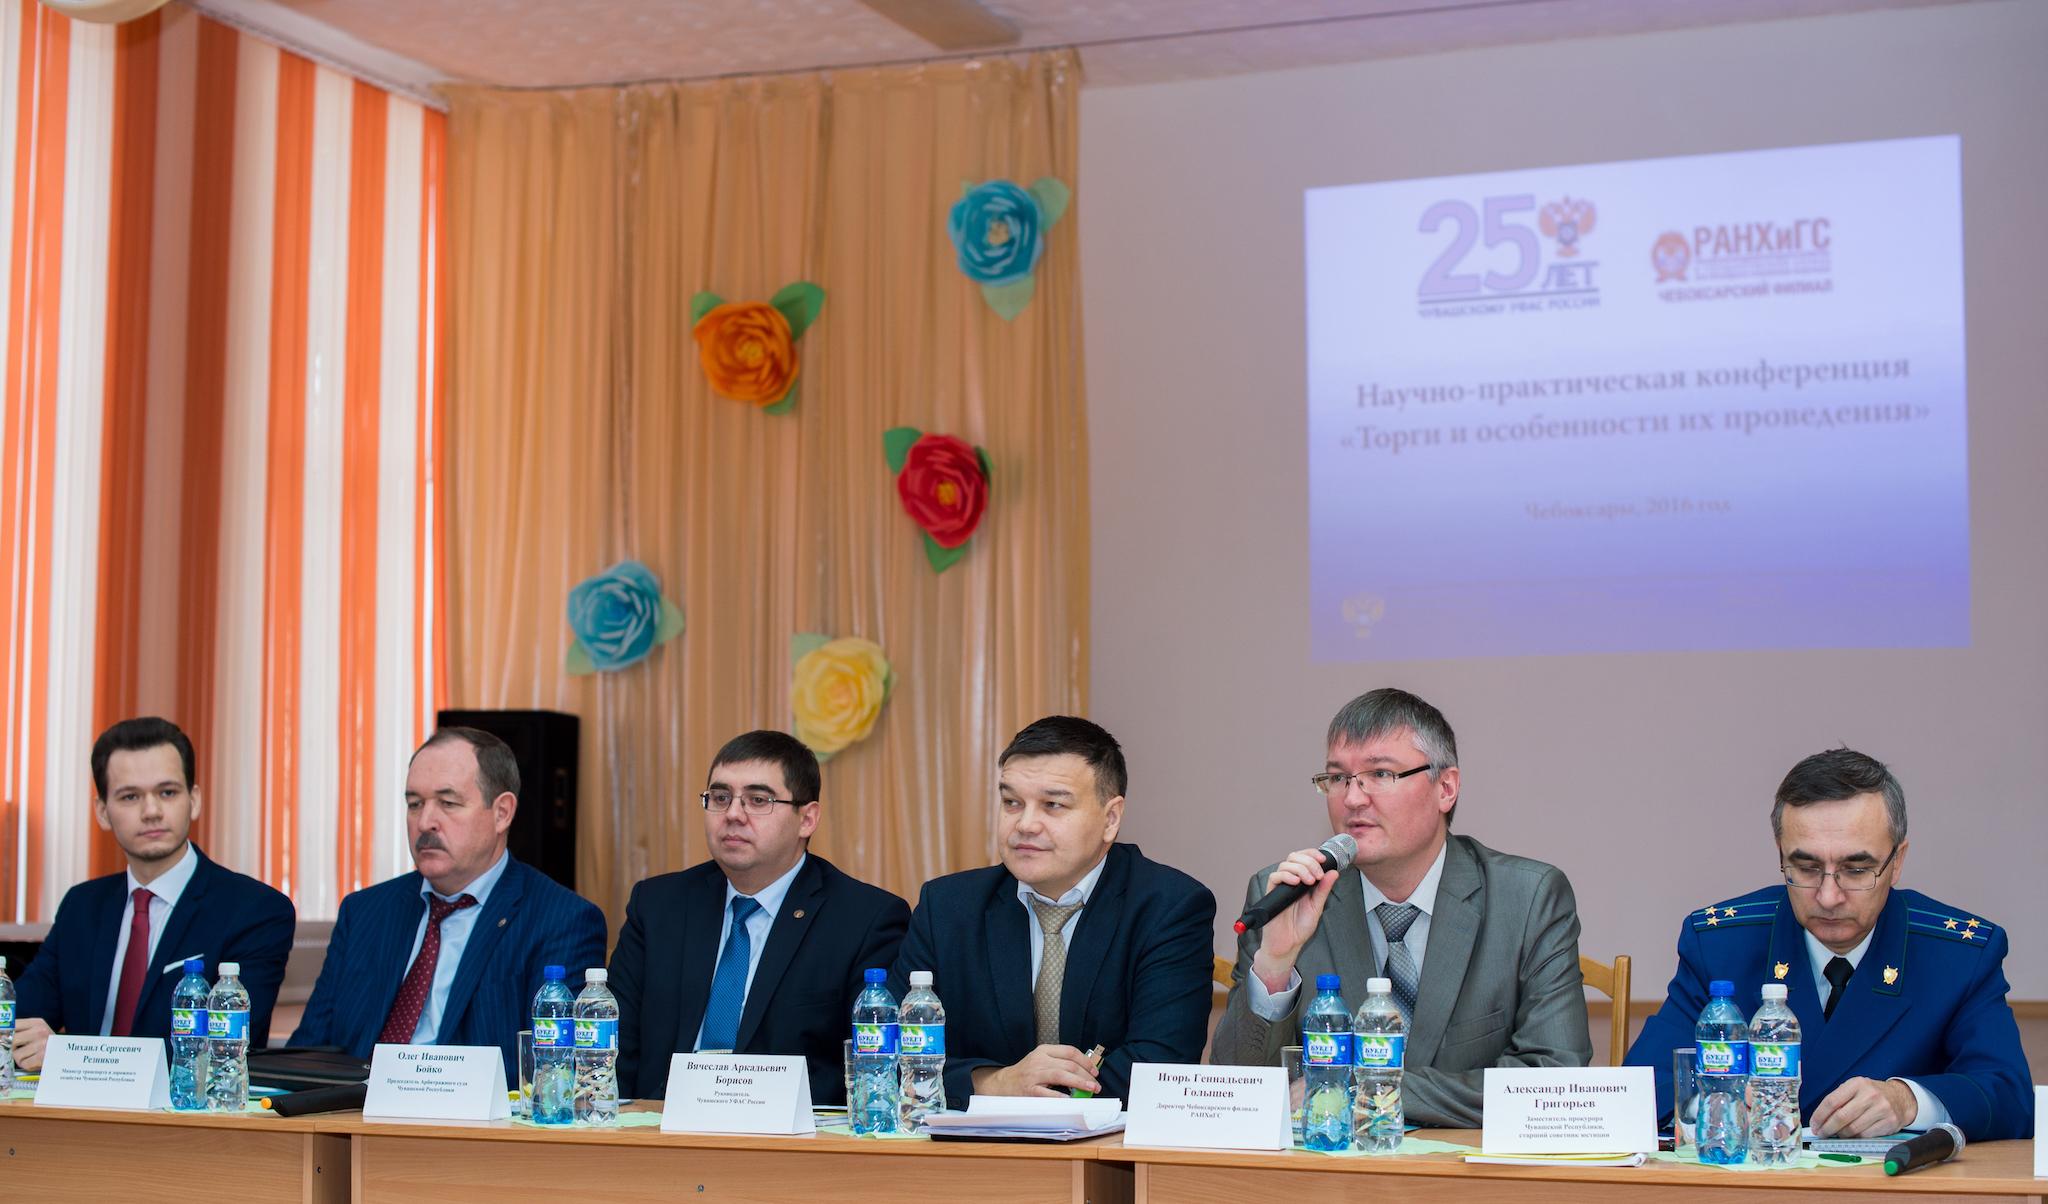 Президиум научно-практической конференции «Торги и особенности их проведения», 2016 год.